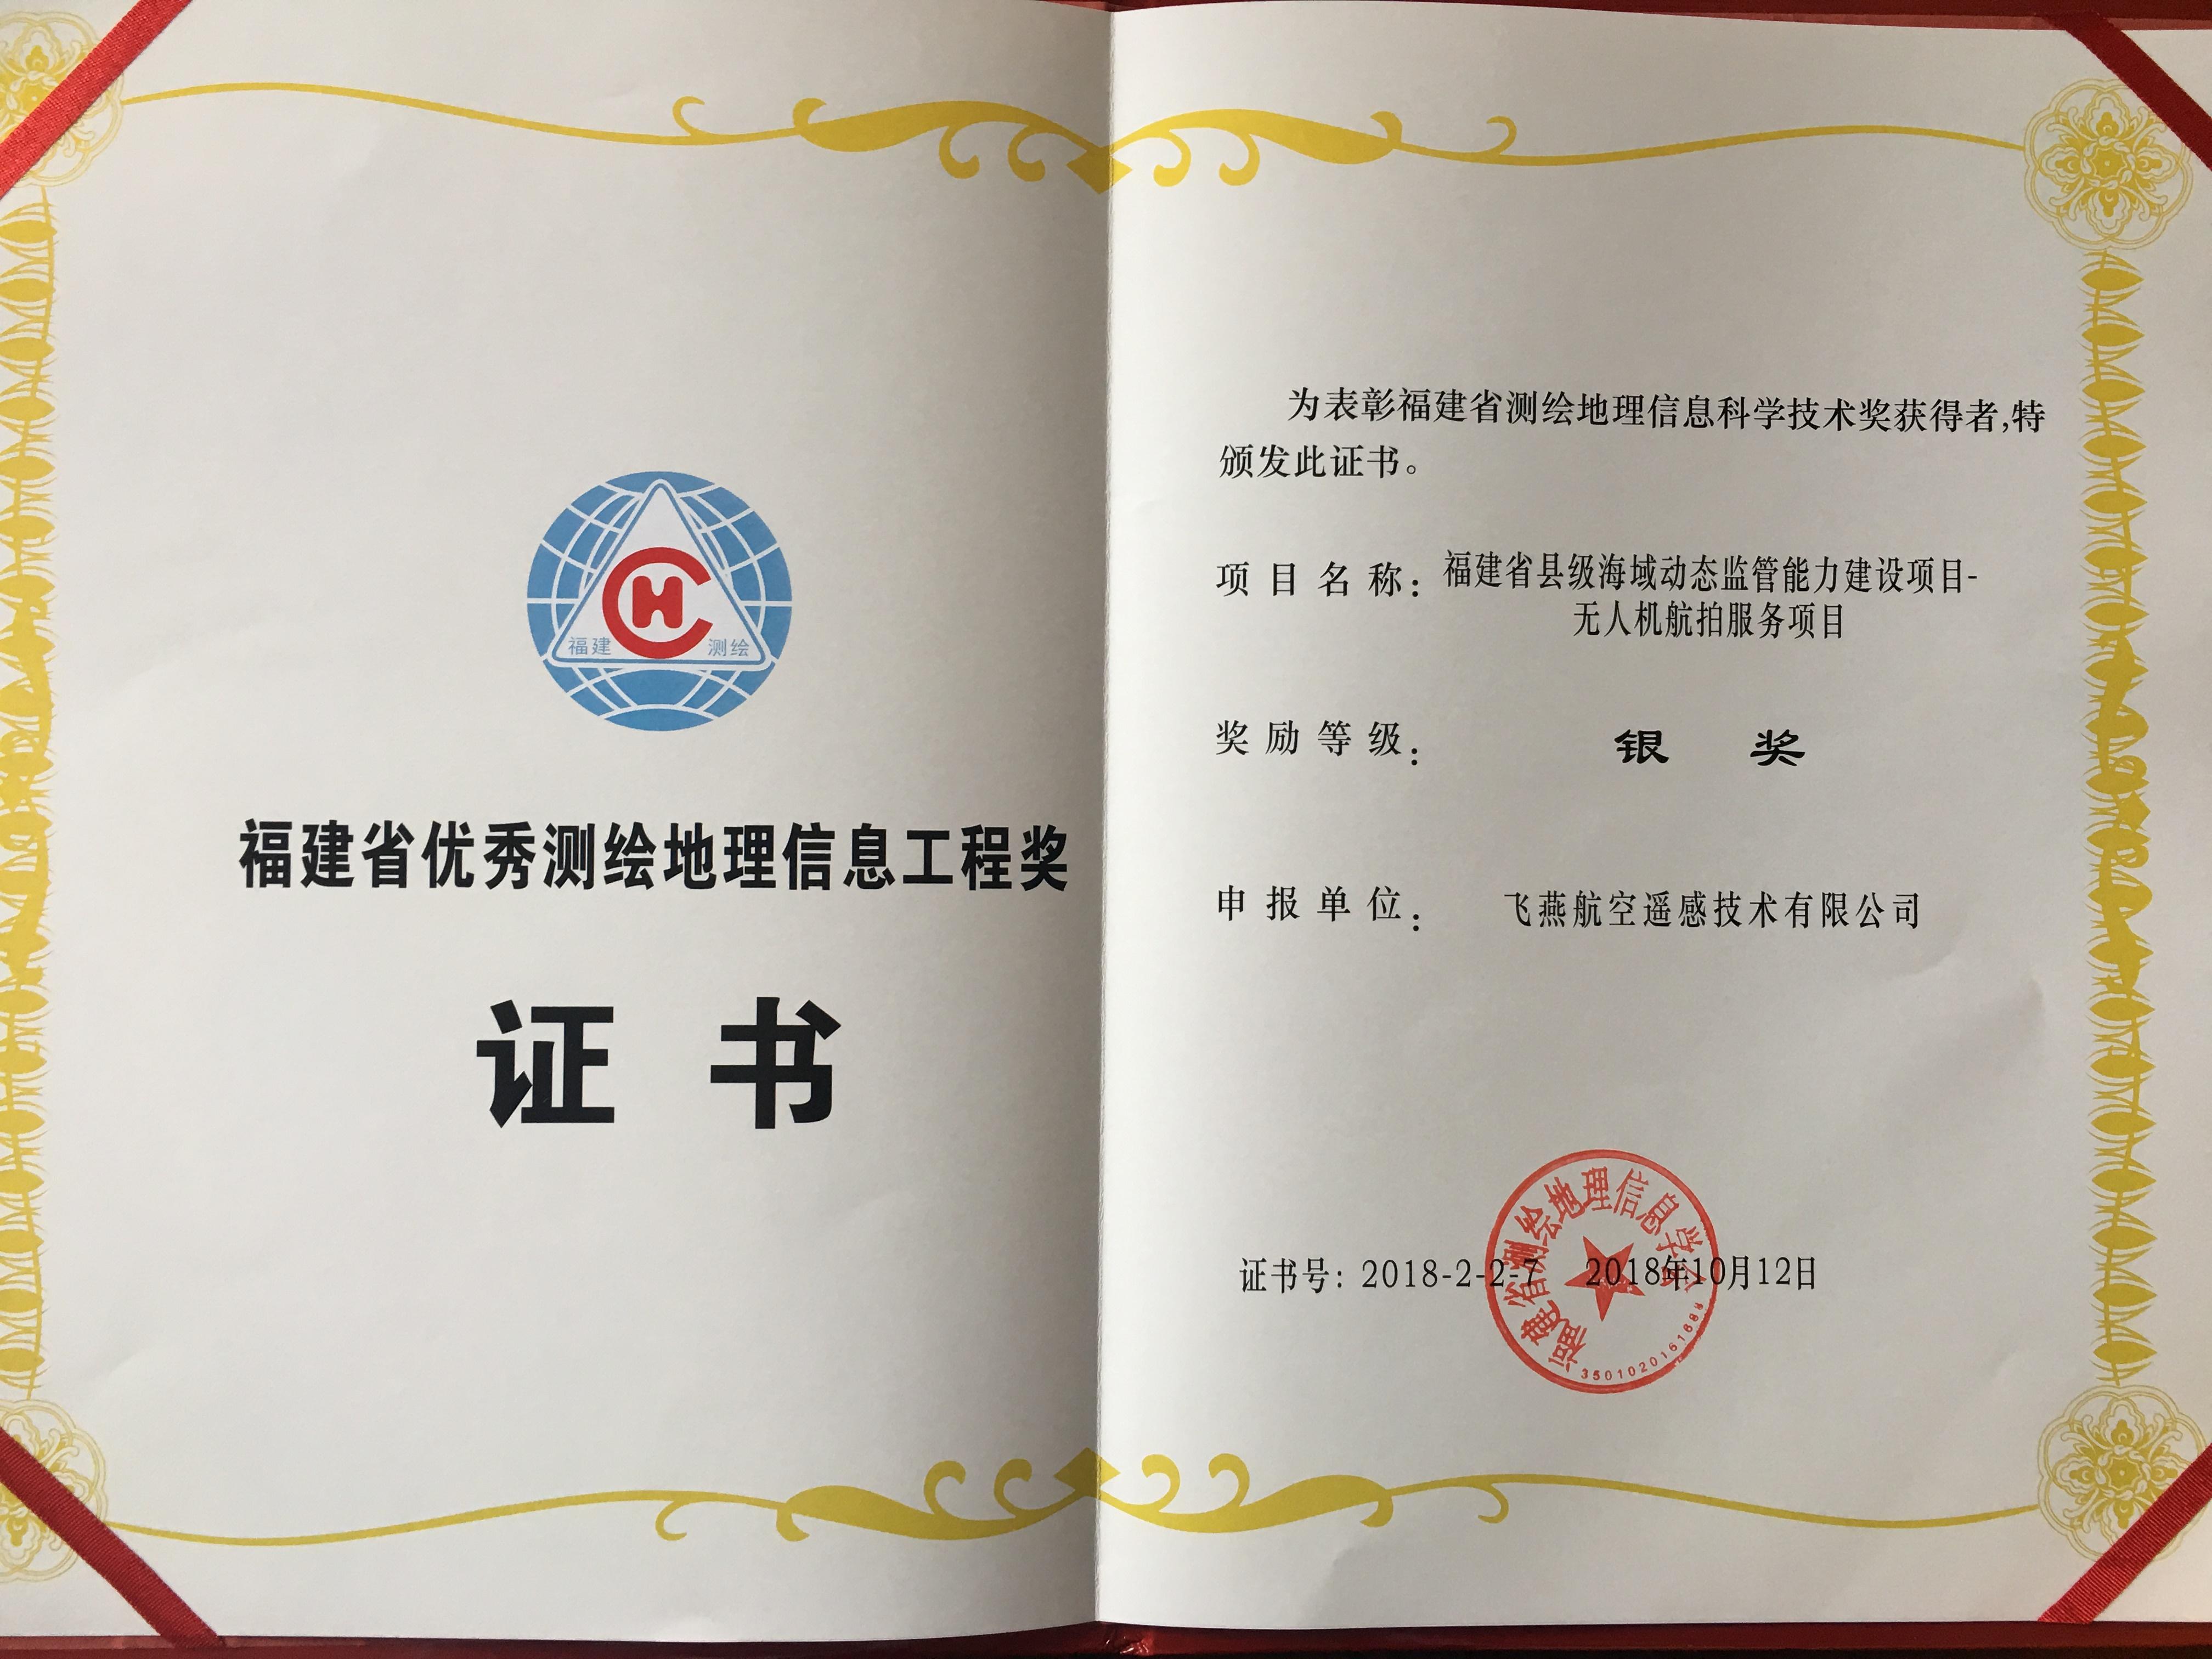 """飞燕航空遥感荣获""""福建省优秀测绘地理信息工程奖"""""""